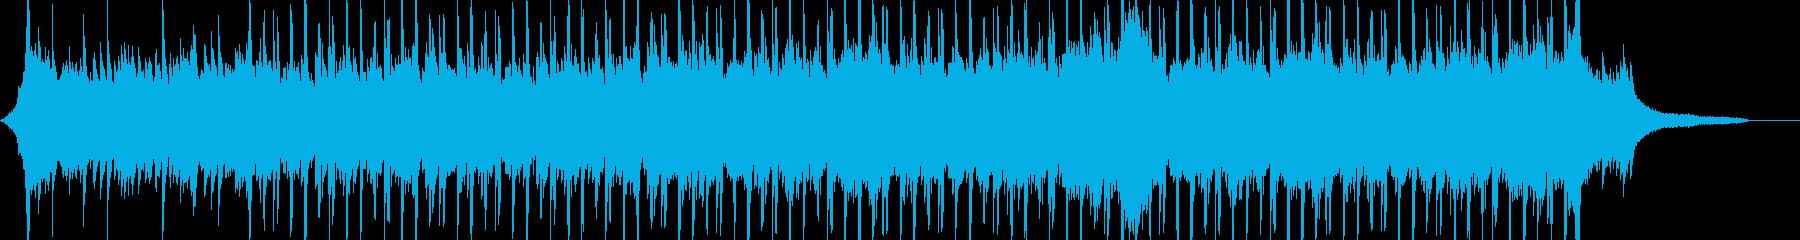 企業VP系48、爽やかピアノ4つ打ちbの再生済みの波形